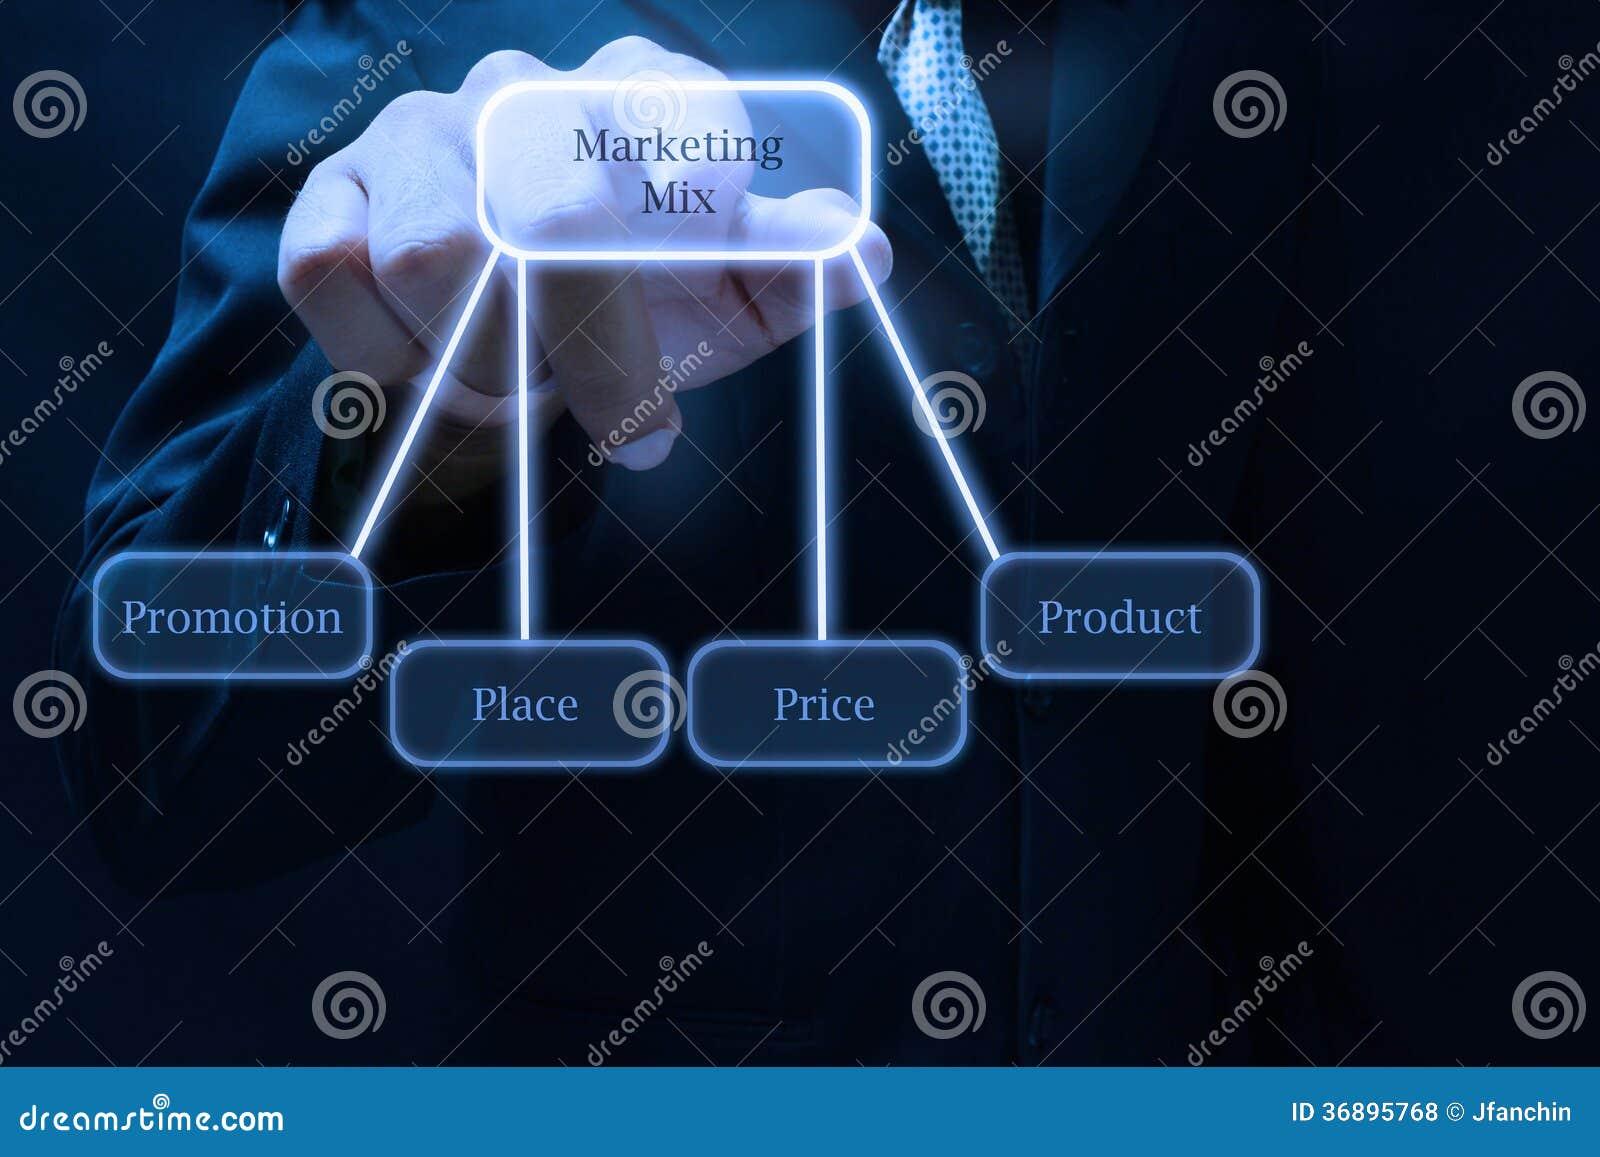 marketing mix stock photo  image of marketingmix  plan